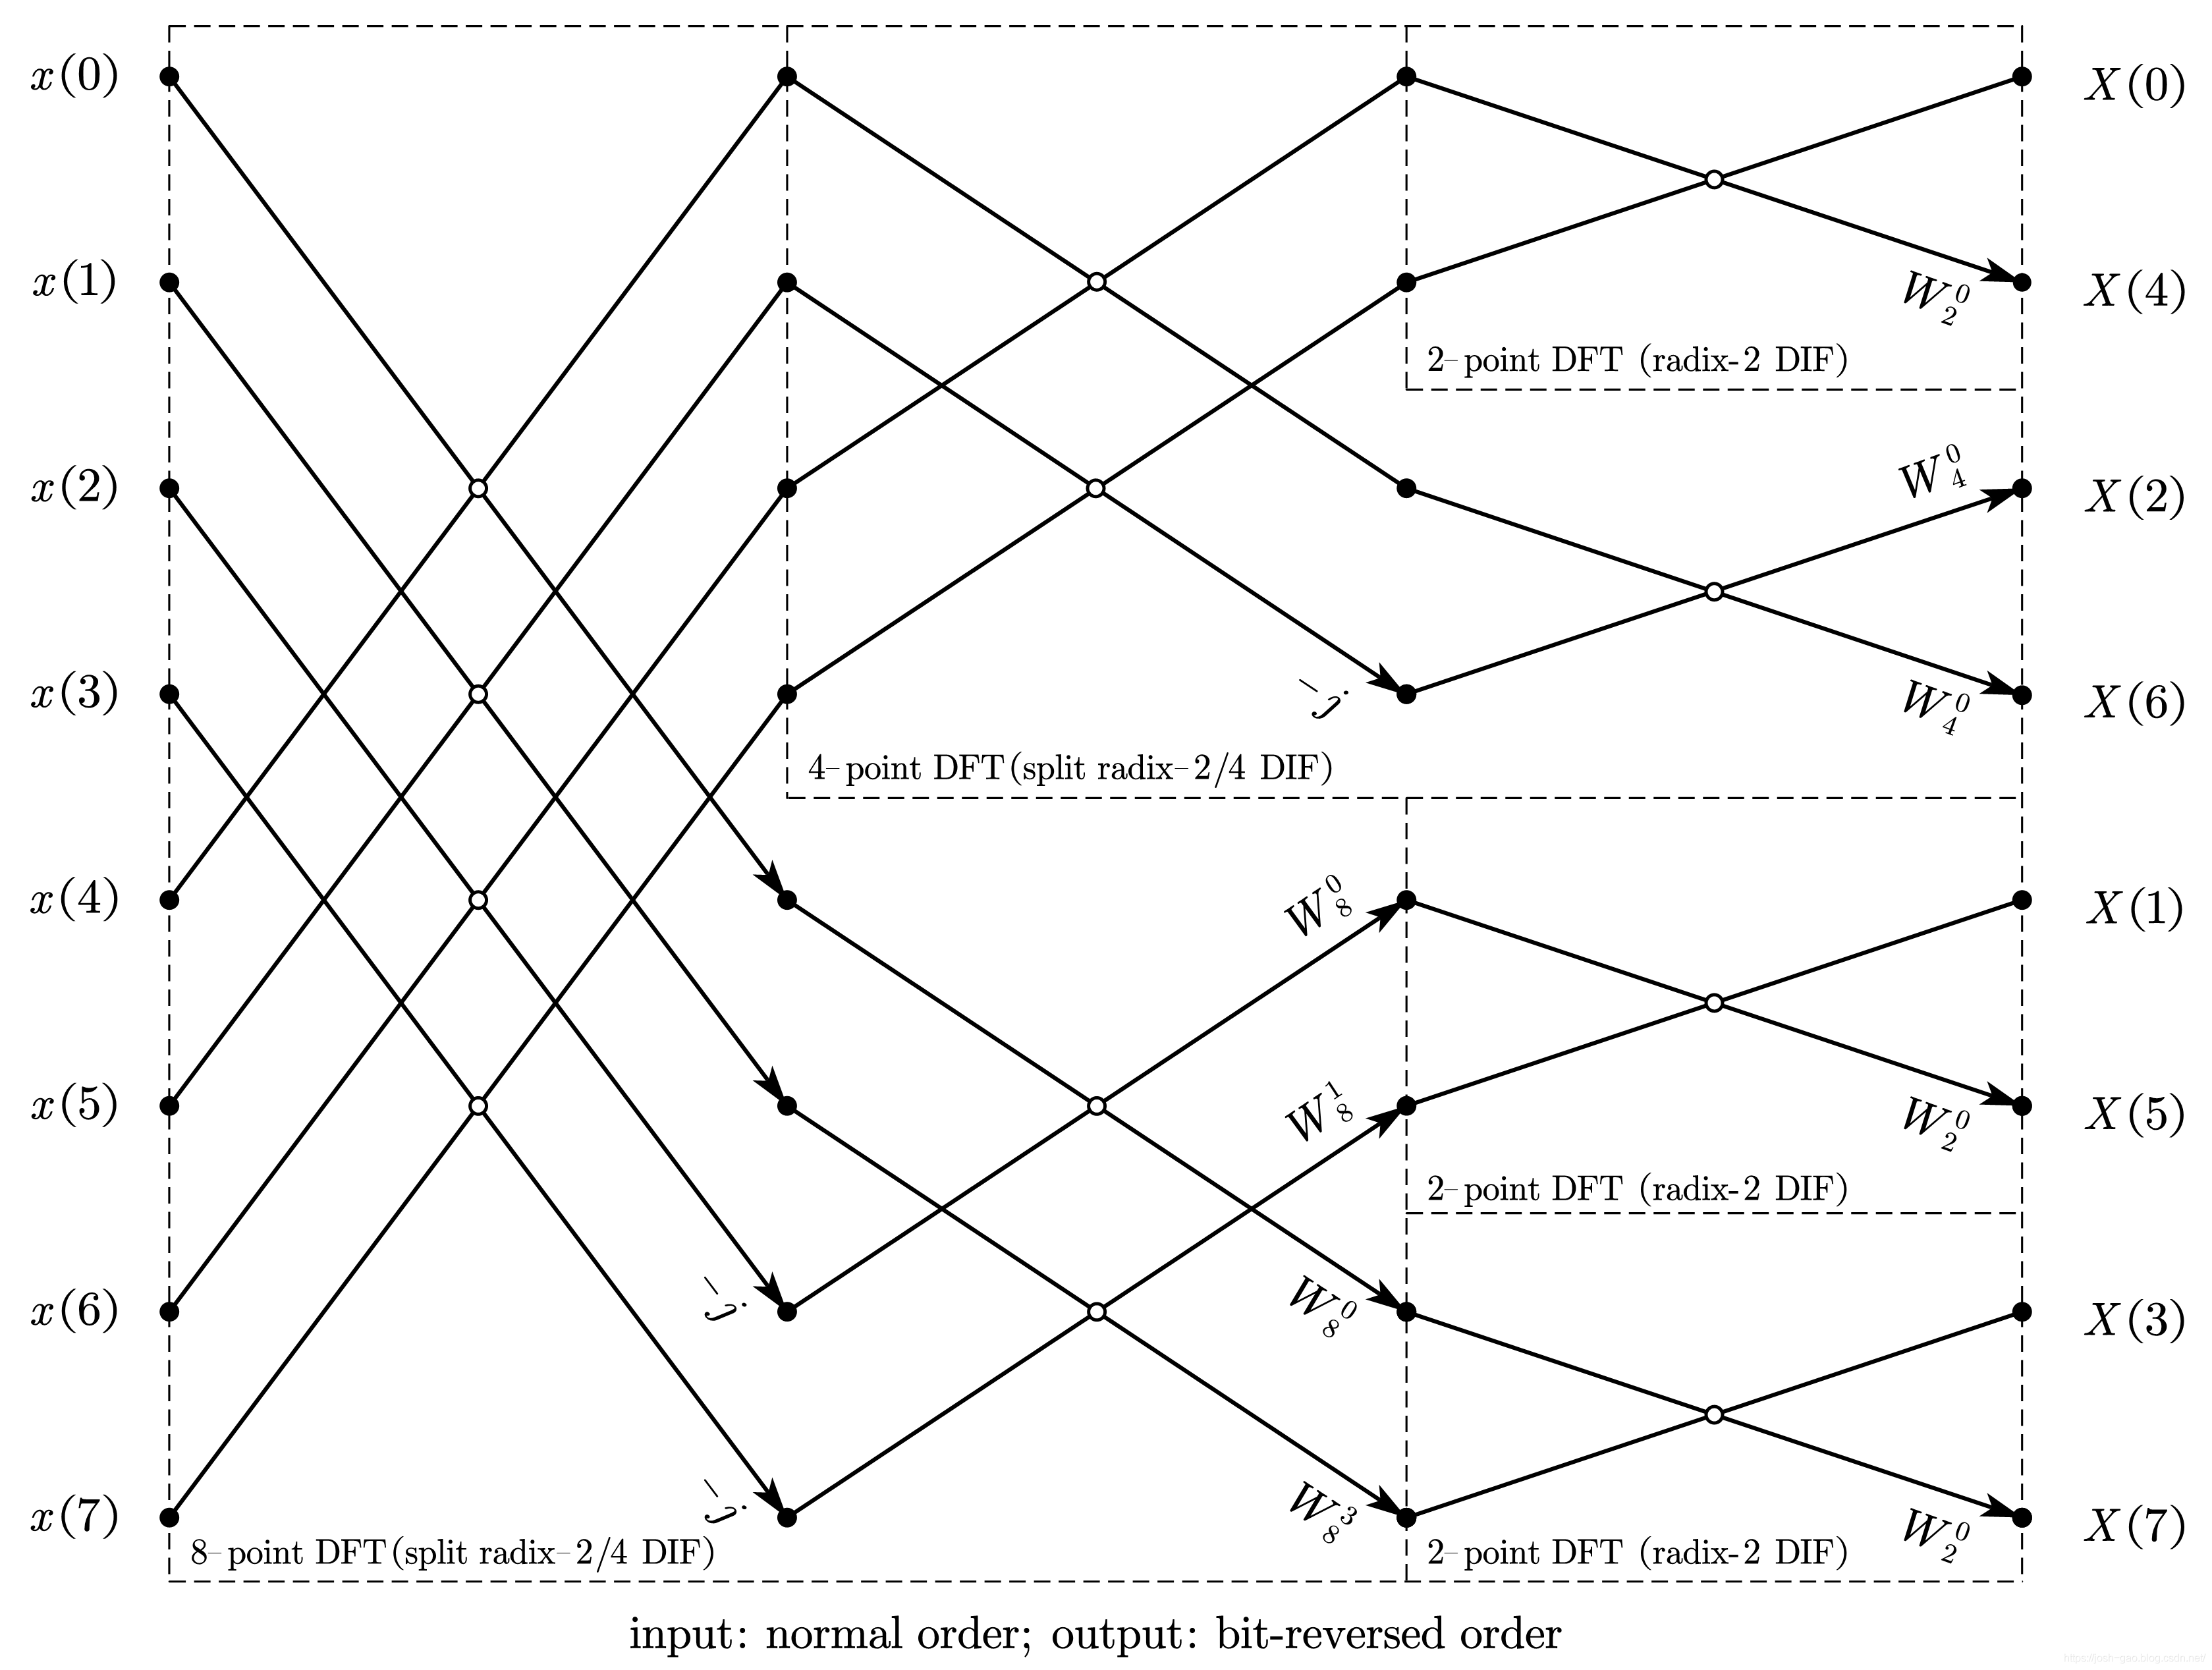 8-point split radix-2/4 DIF-FFT